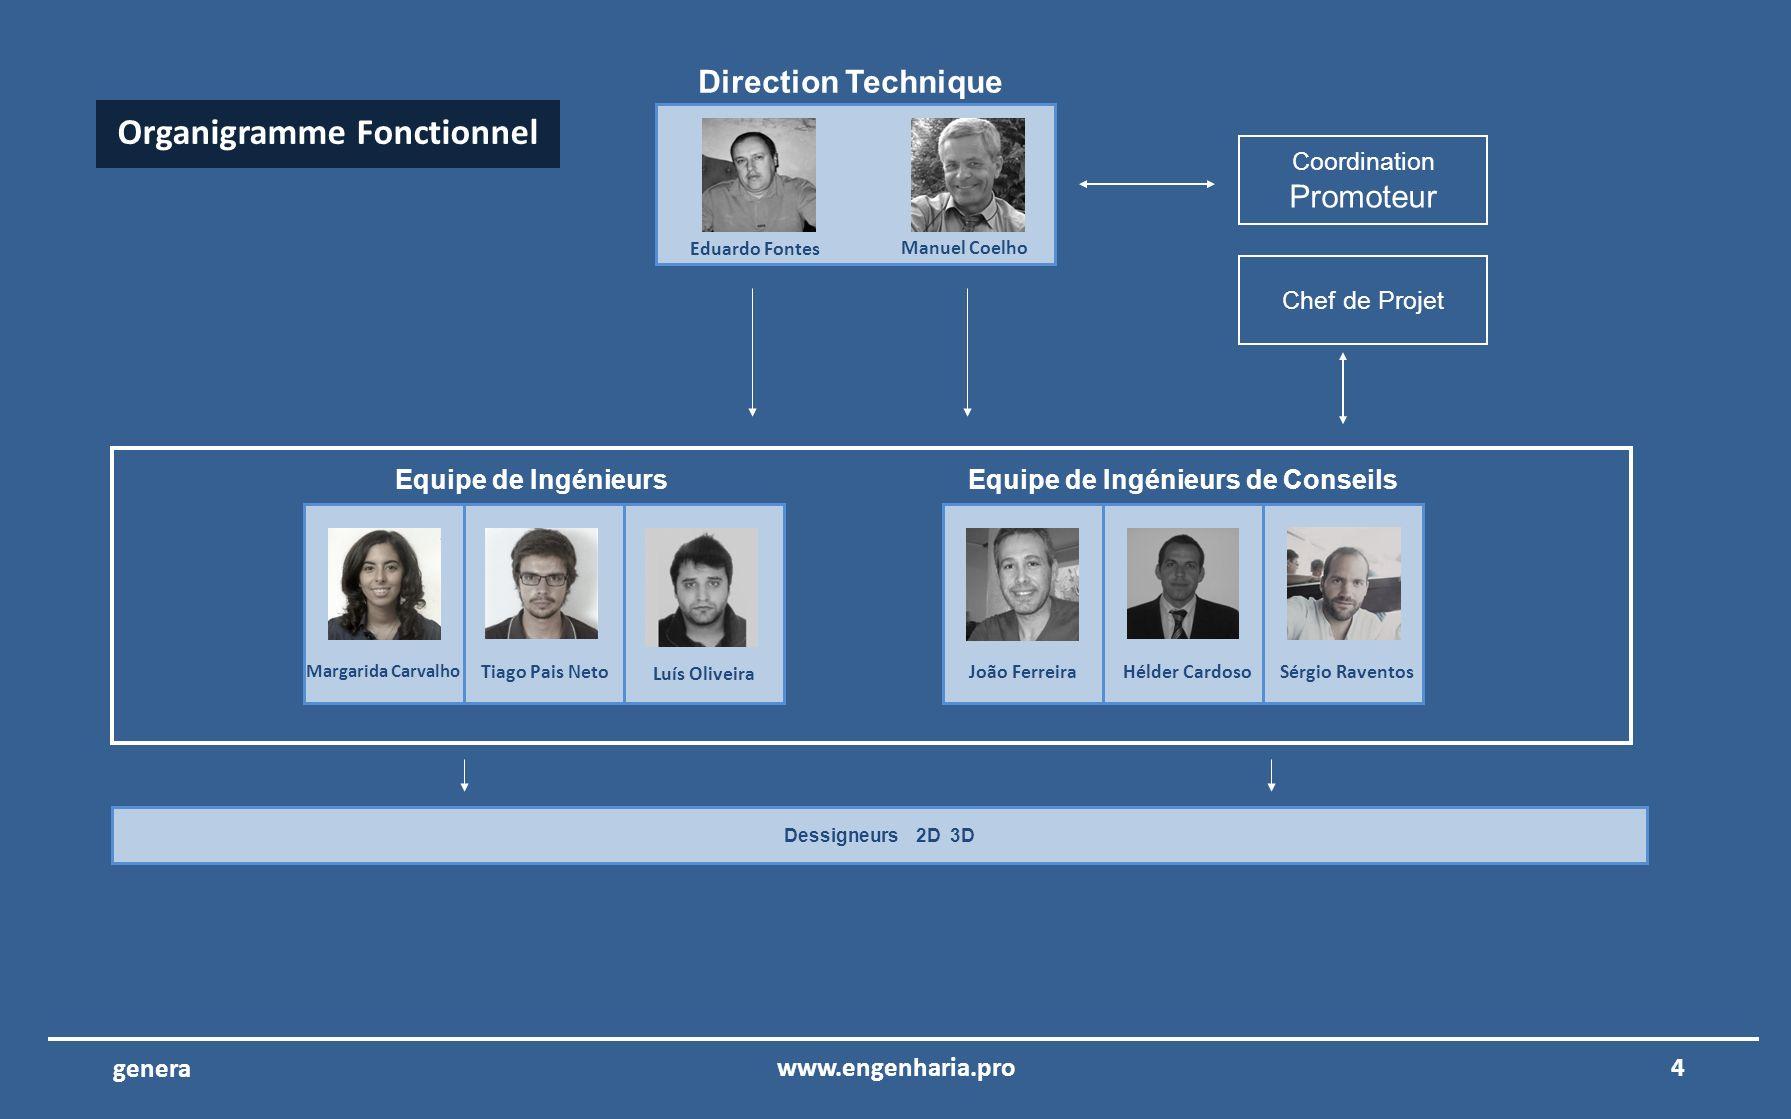 Organigramme Fonctionnel Equipe de Ingénieurs de Conseils